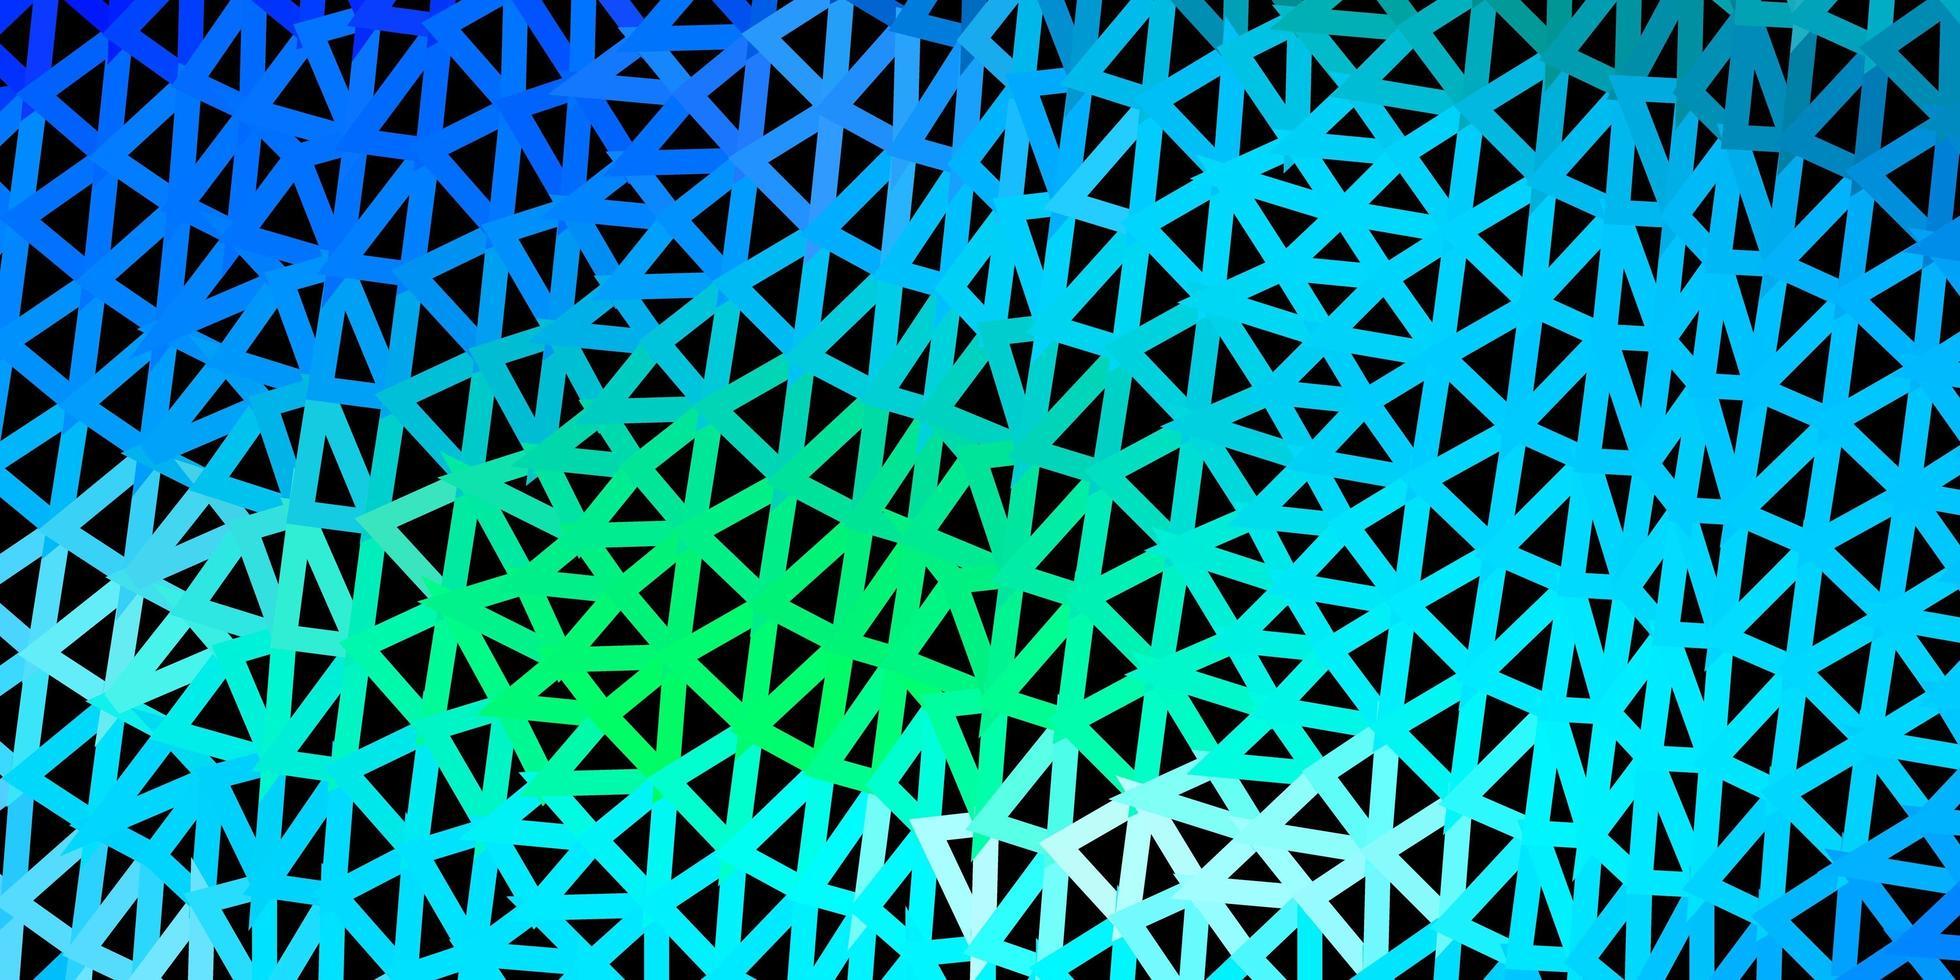 fond d'écran polygonale géométrique vecteur bleu clair, vert.